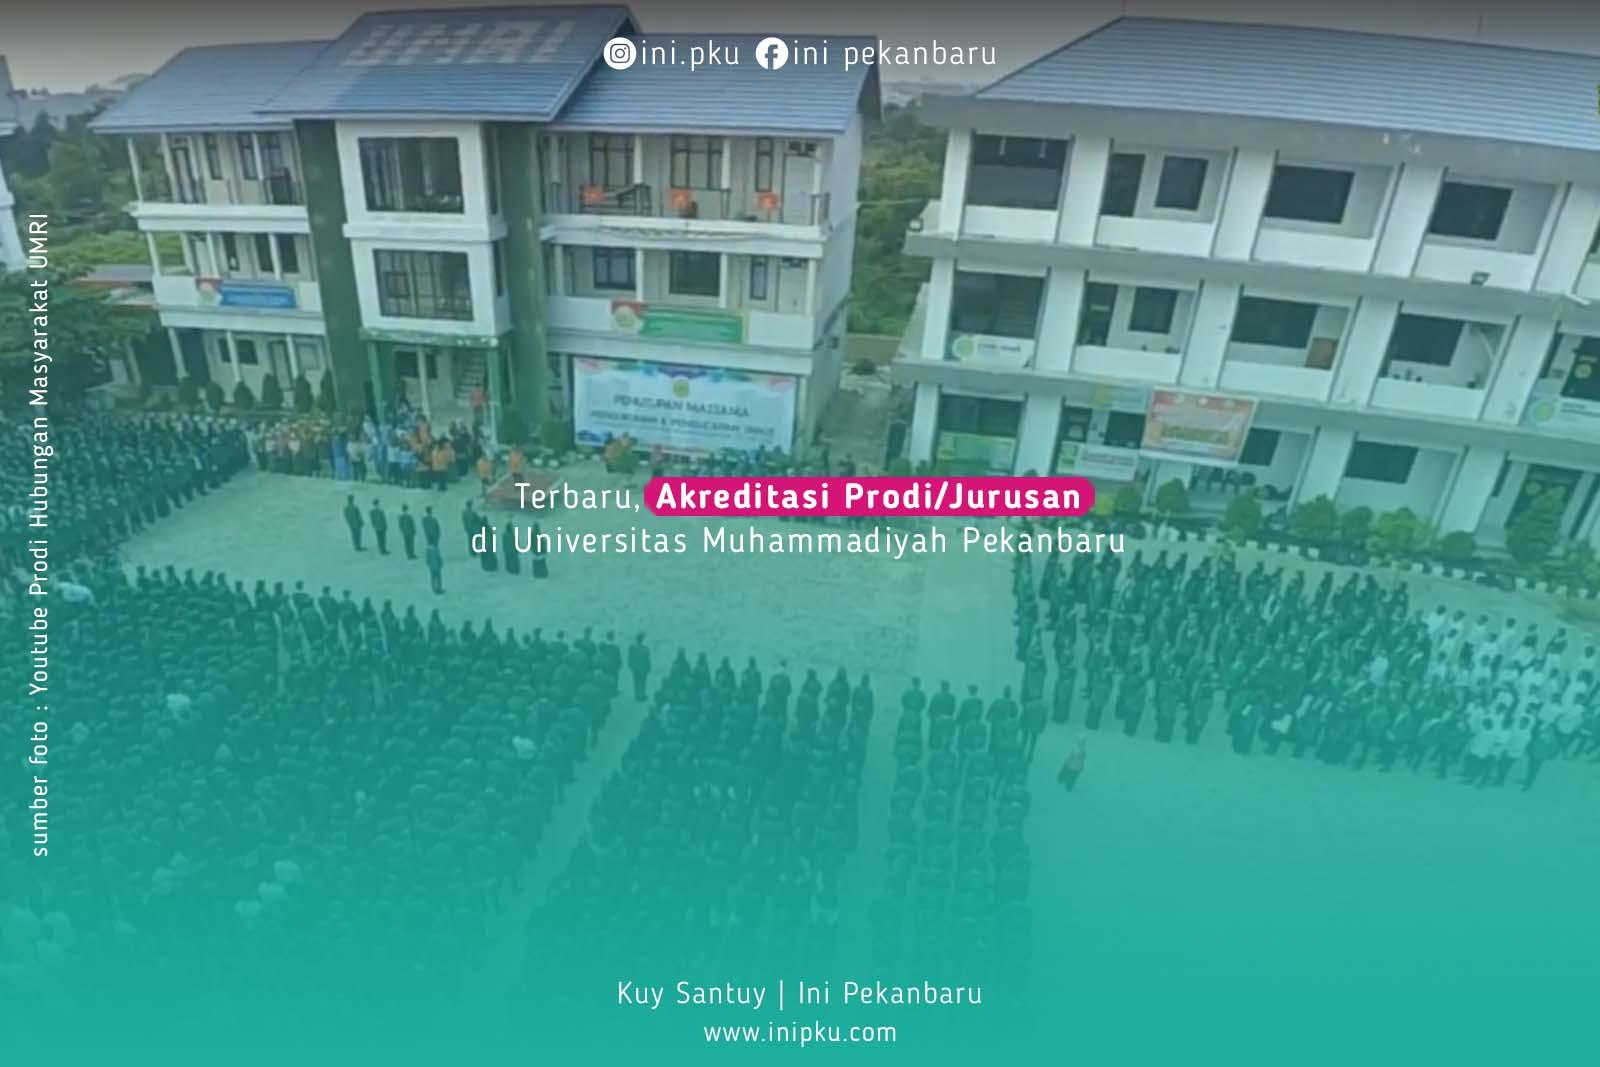 Terbaru, Akreditasi Prodi/Jurusan di Universitas Muhammadiyah Pekanbaru